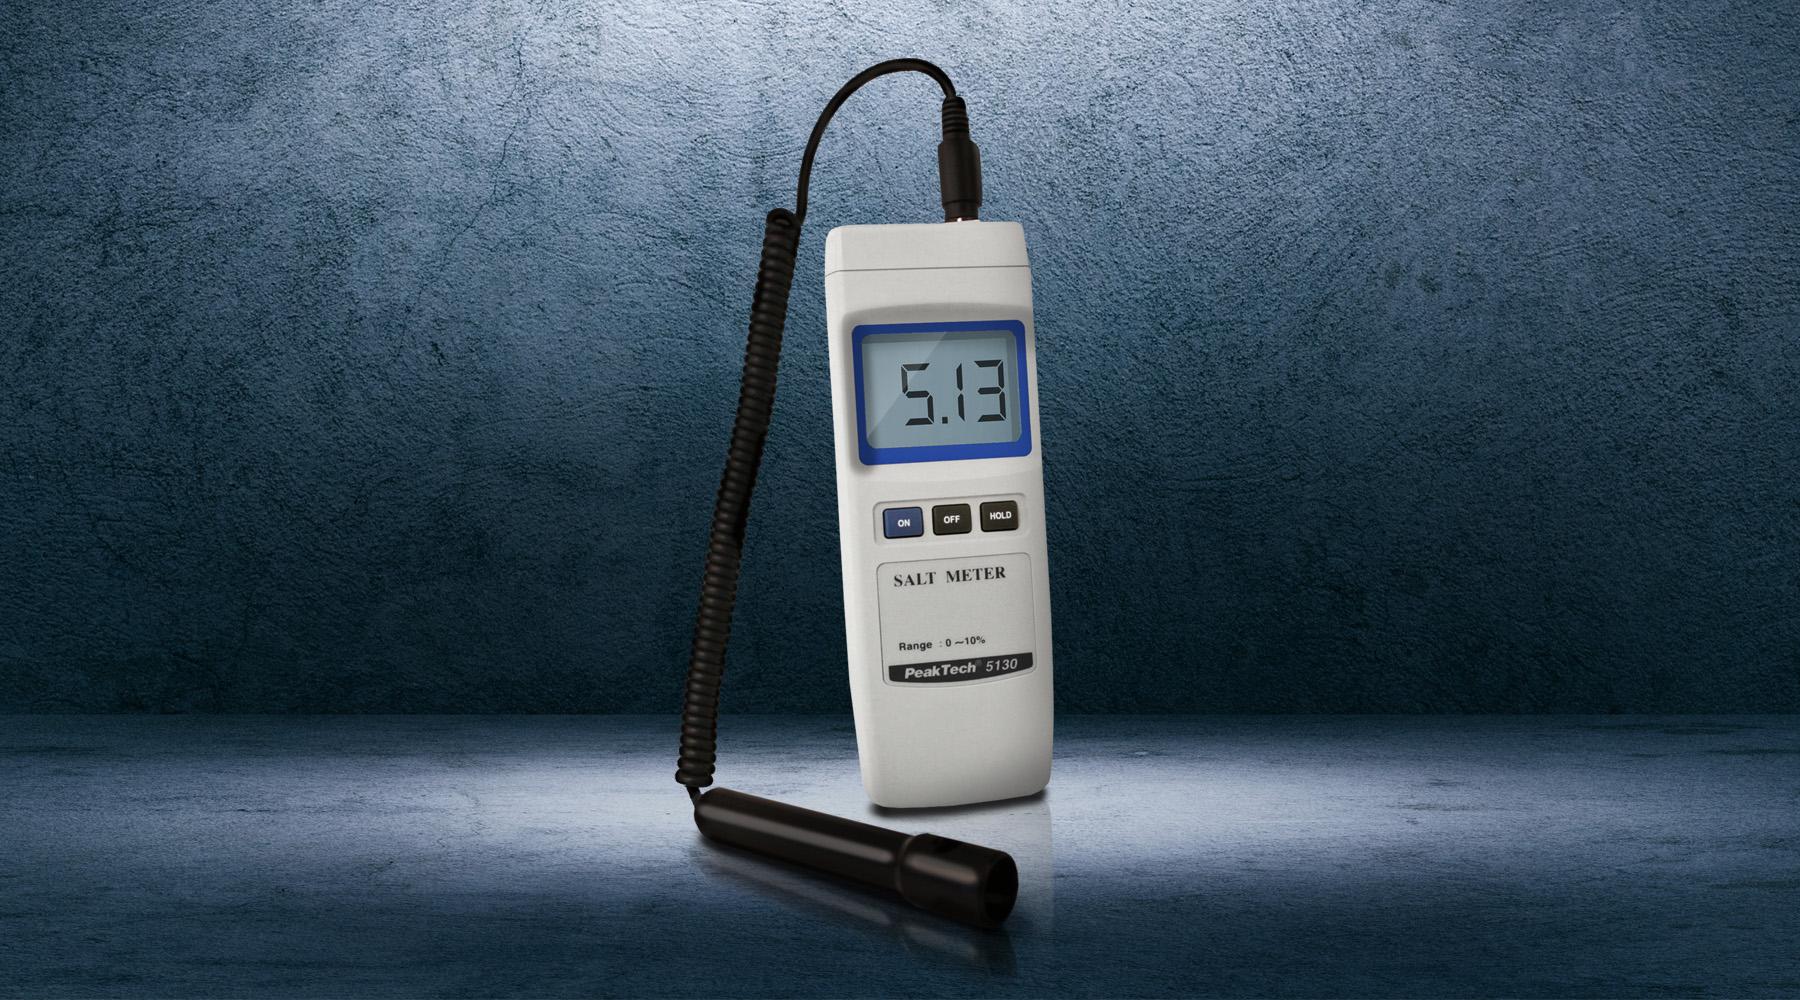 Salt water meters